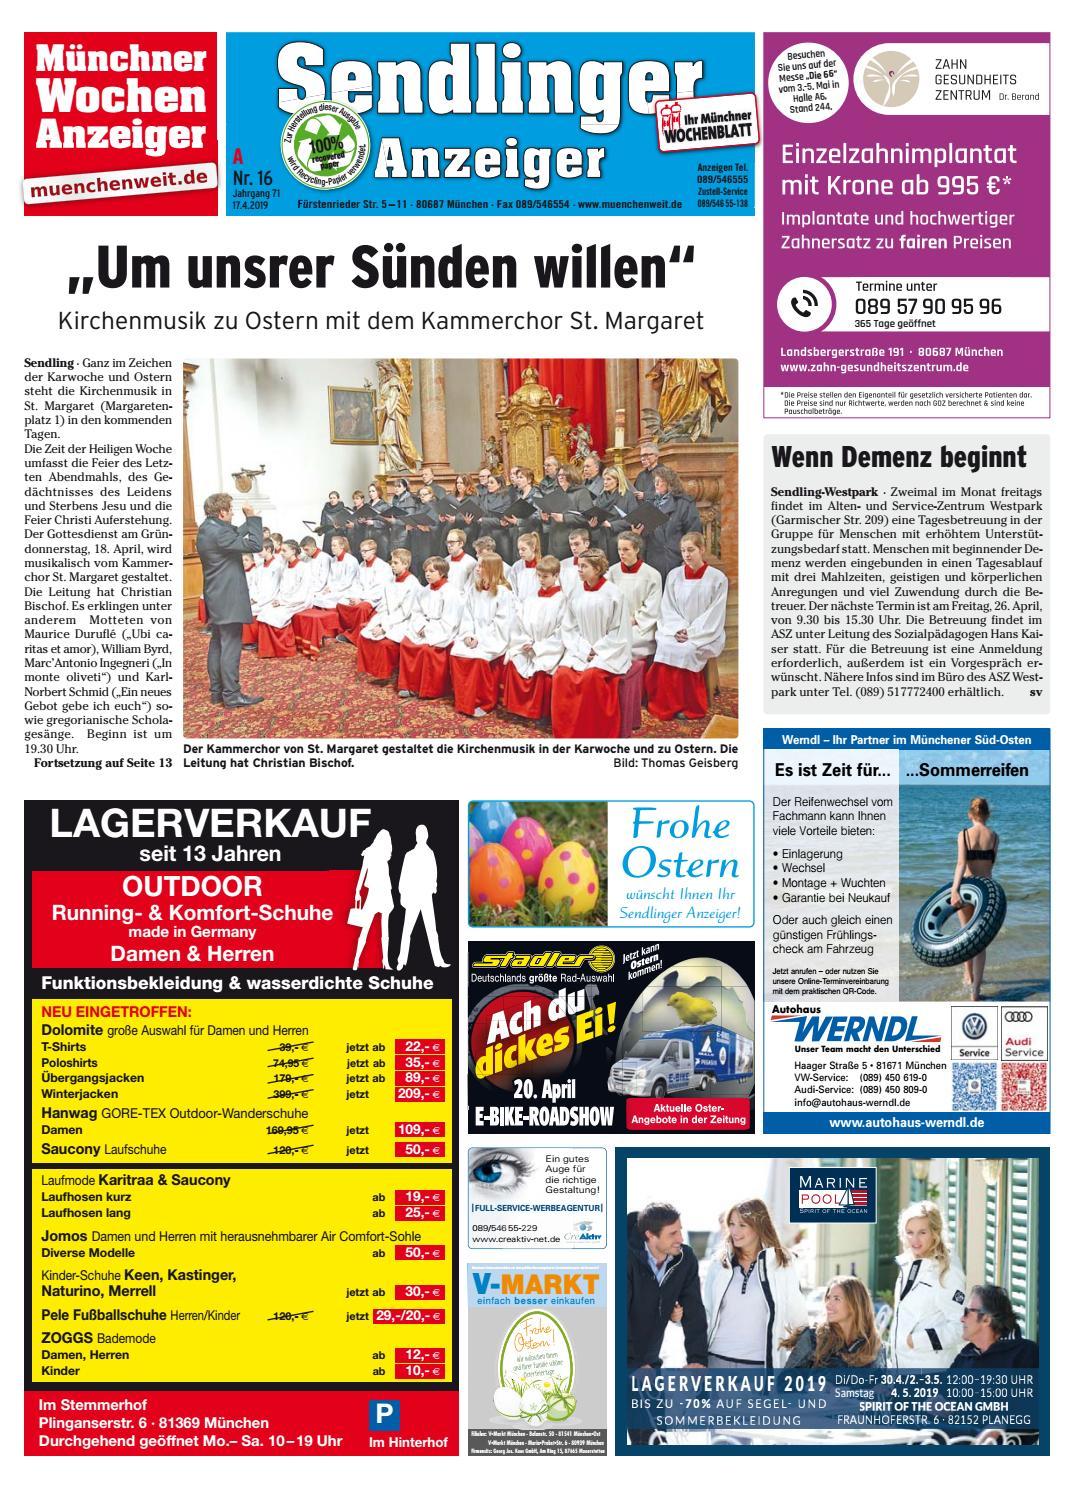 KW 16 2019 by Wochenanzeiger Medien GmbH issuu